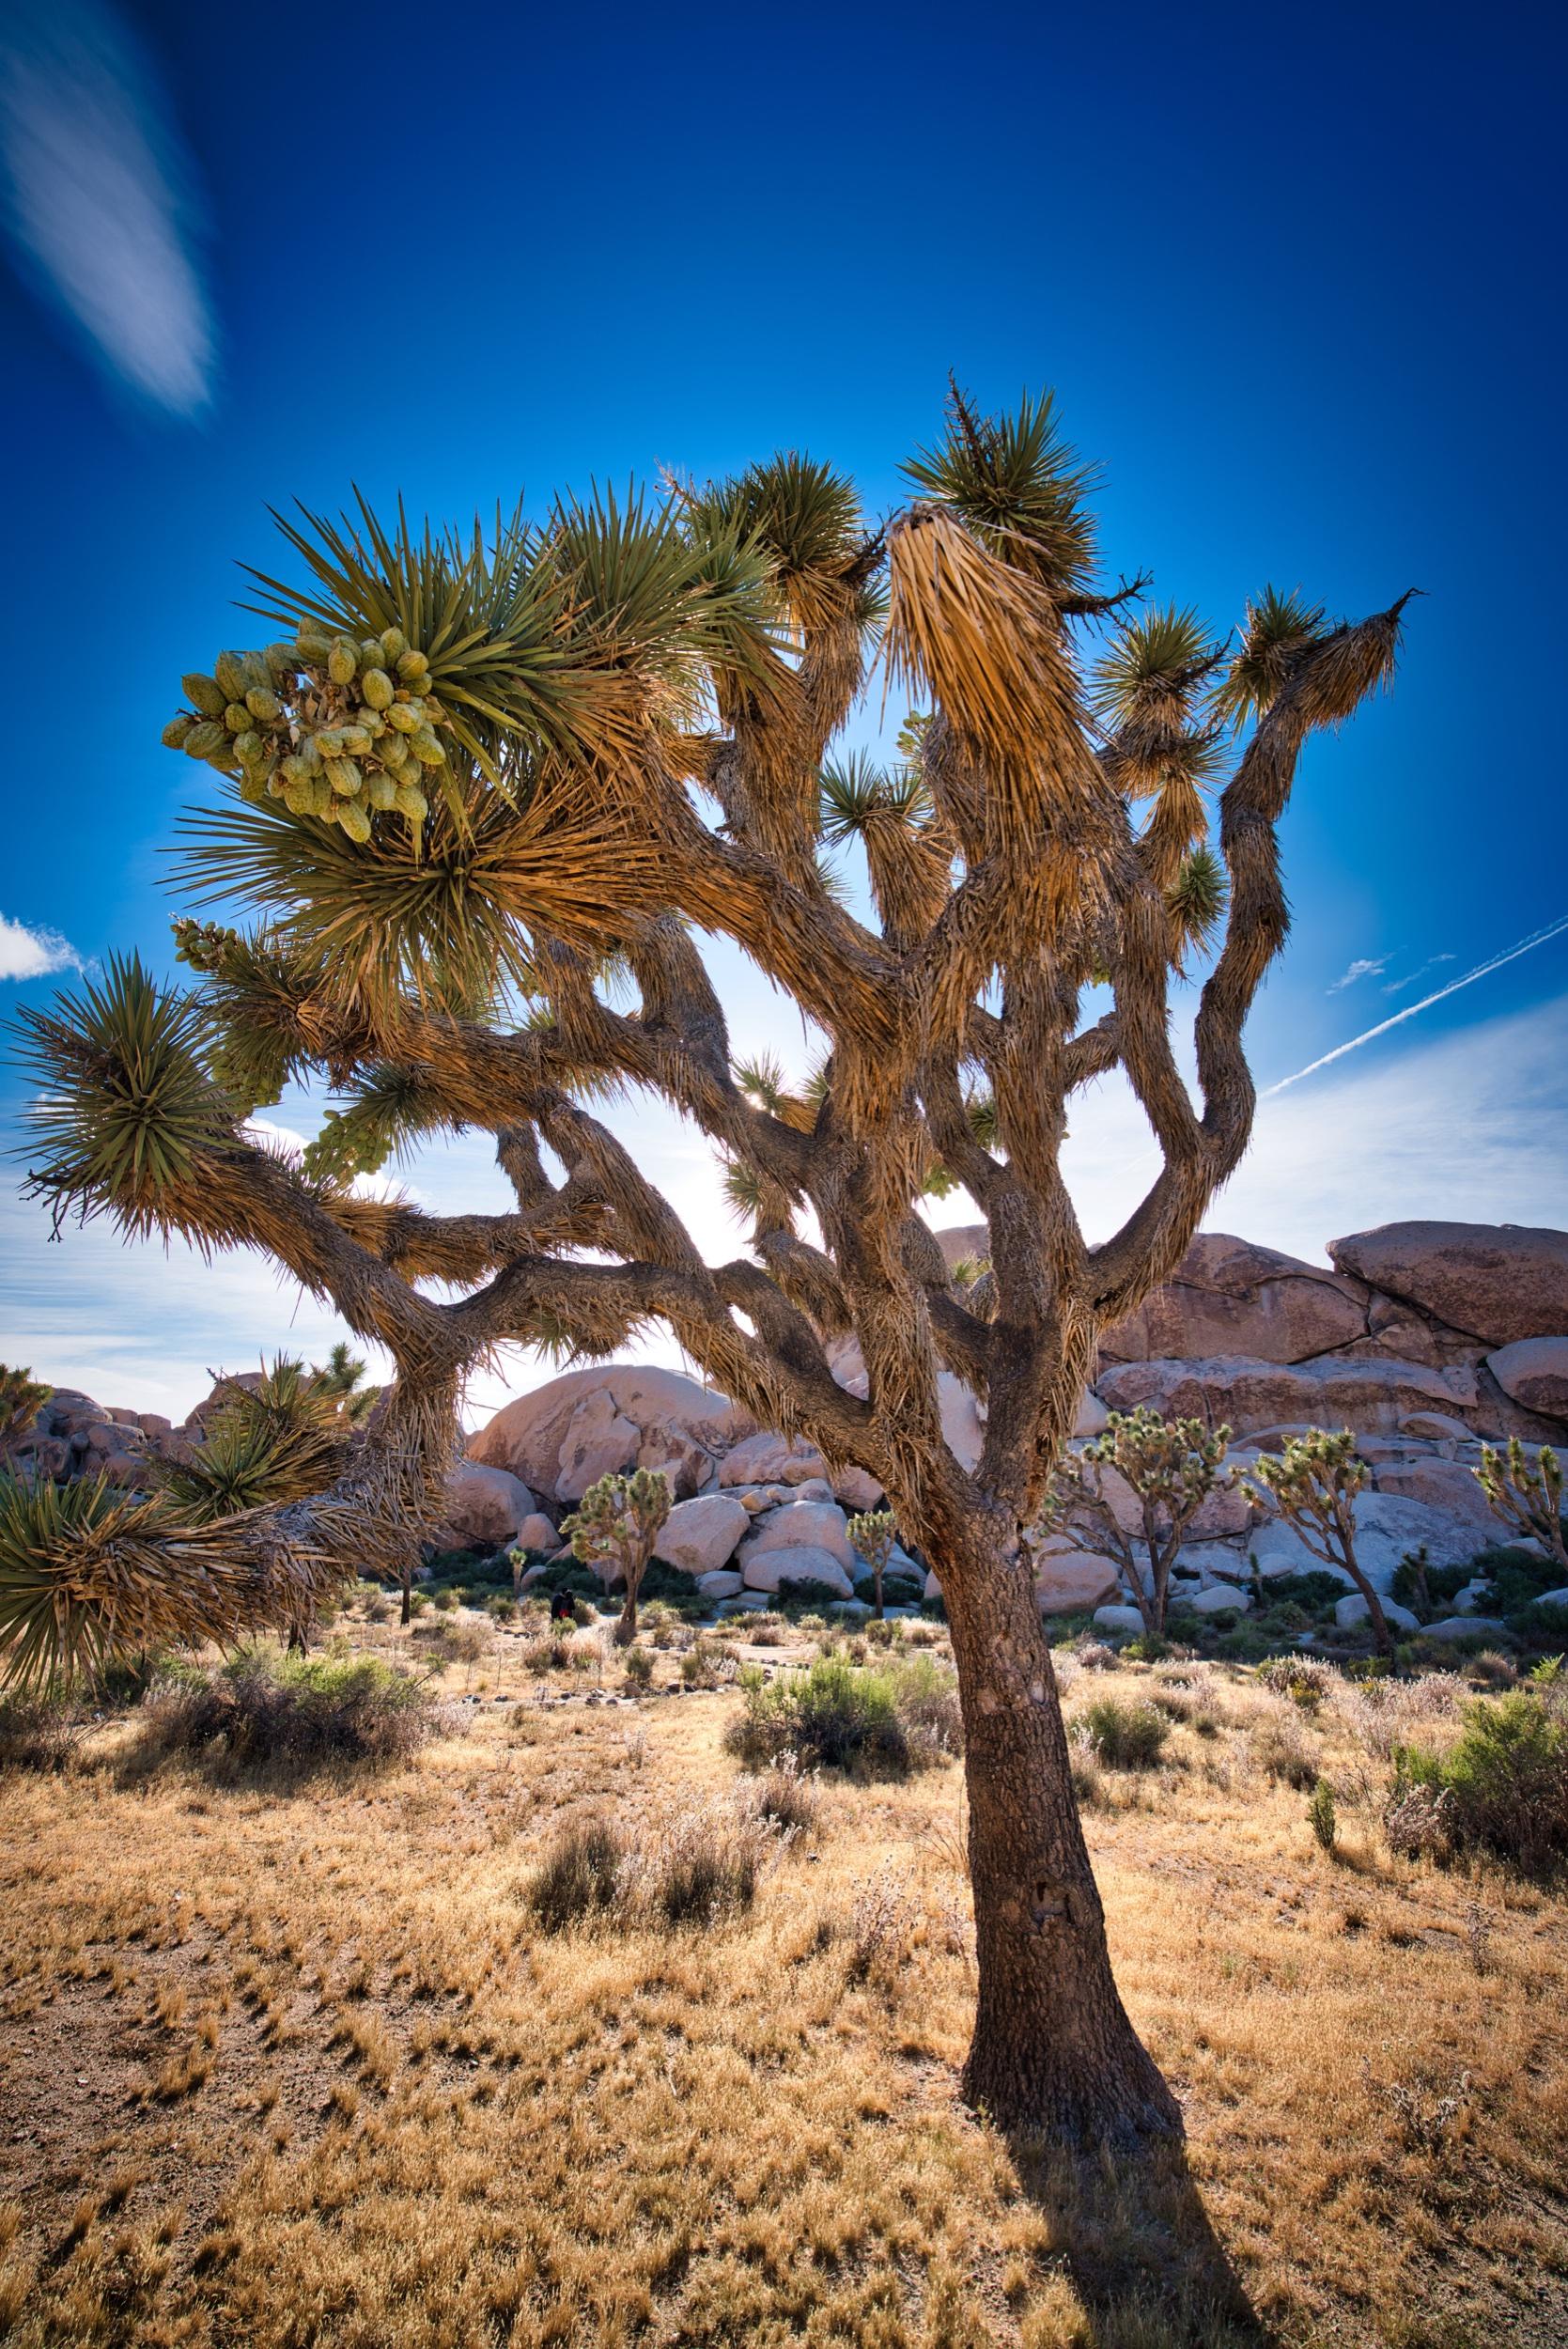 Joshua-tree-5-23-19-12475.jpeg